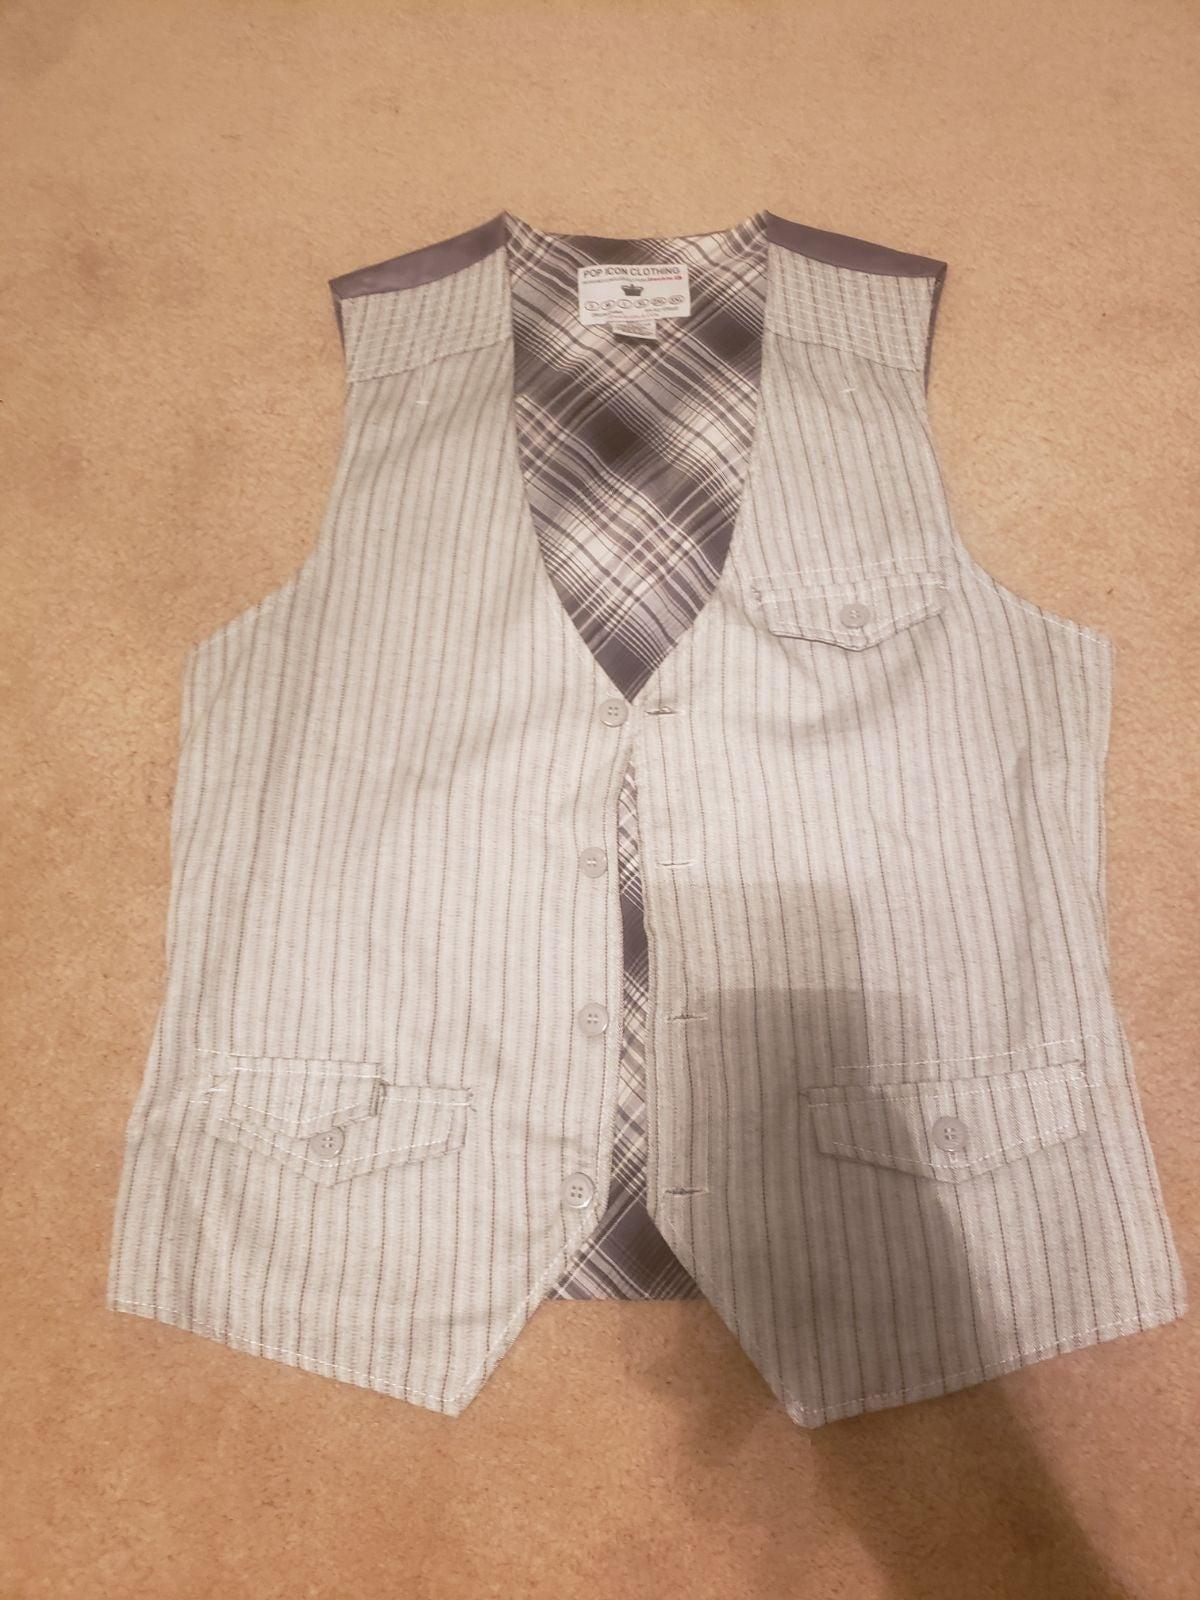 Buckle vest